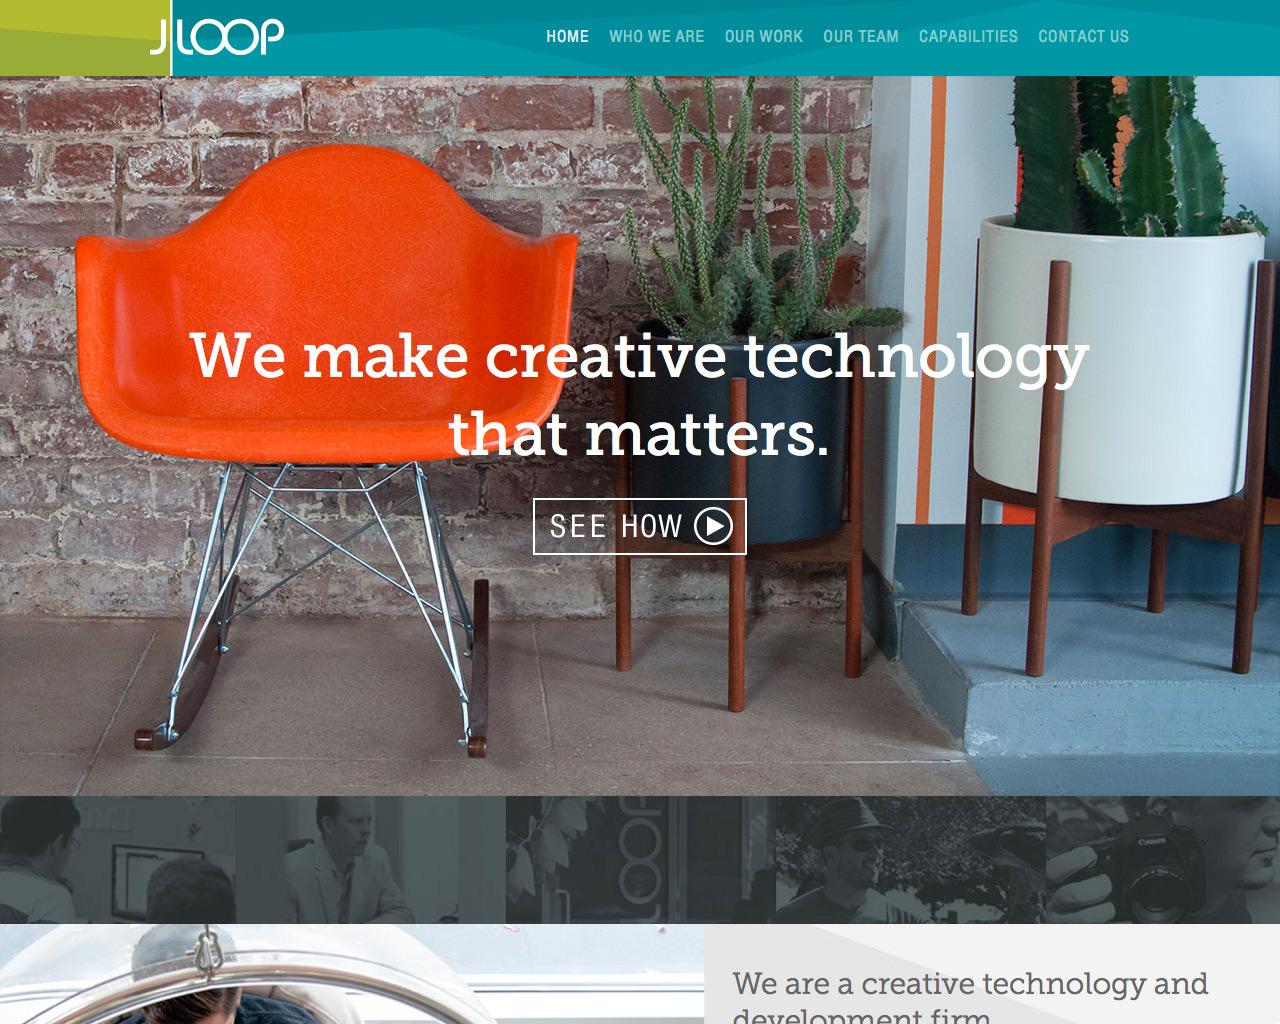 jloop homepage